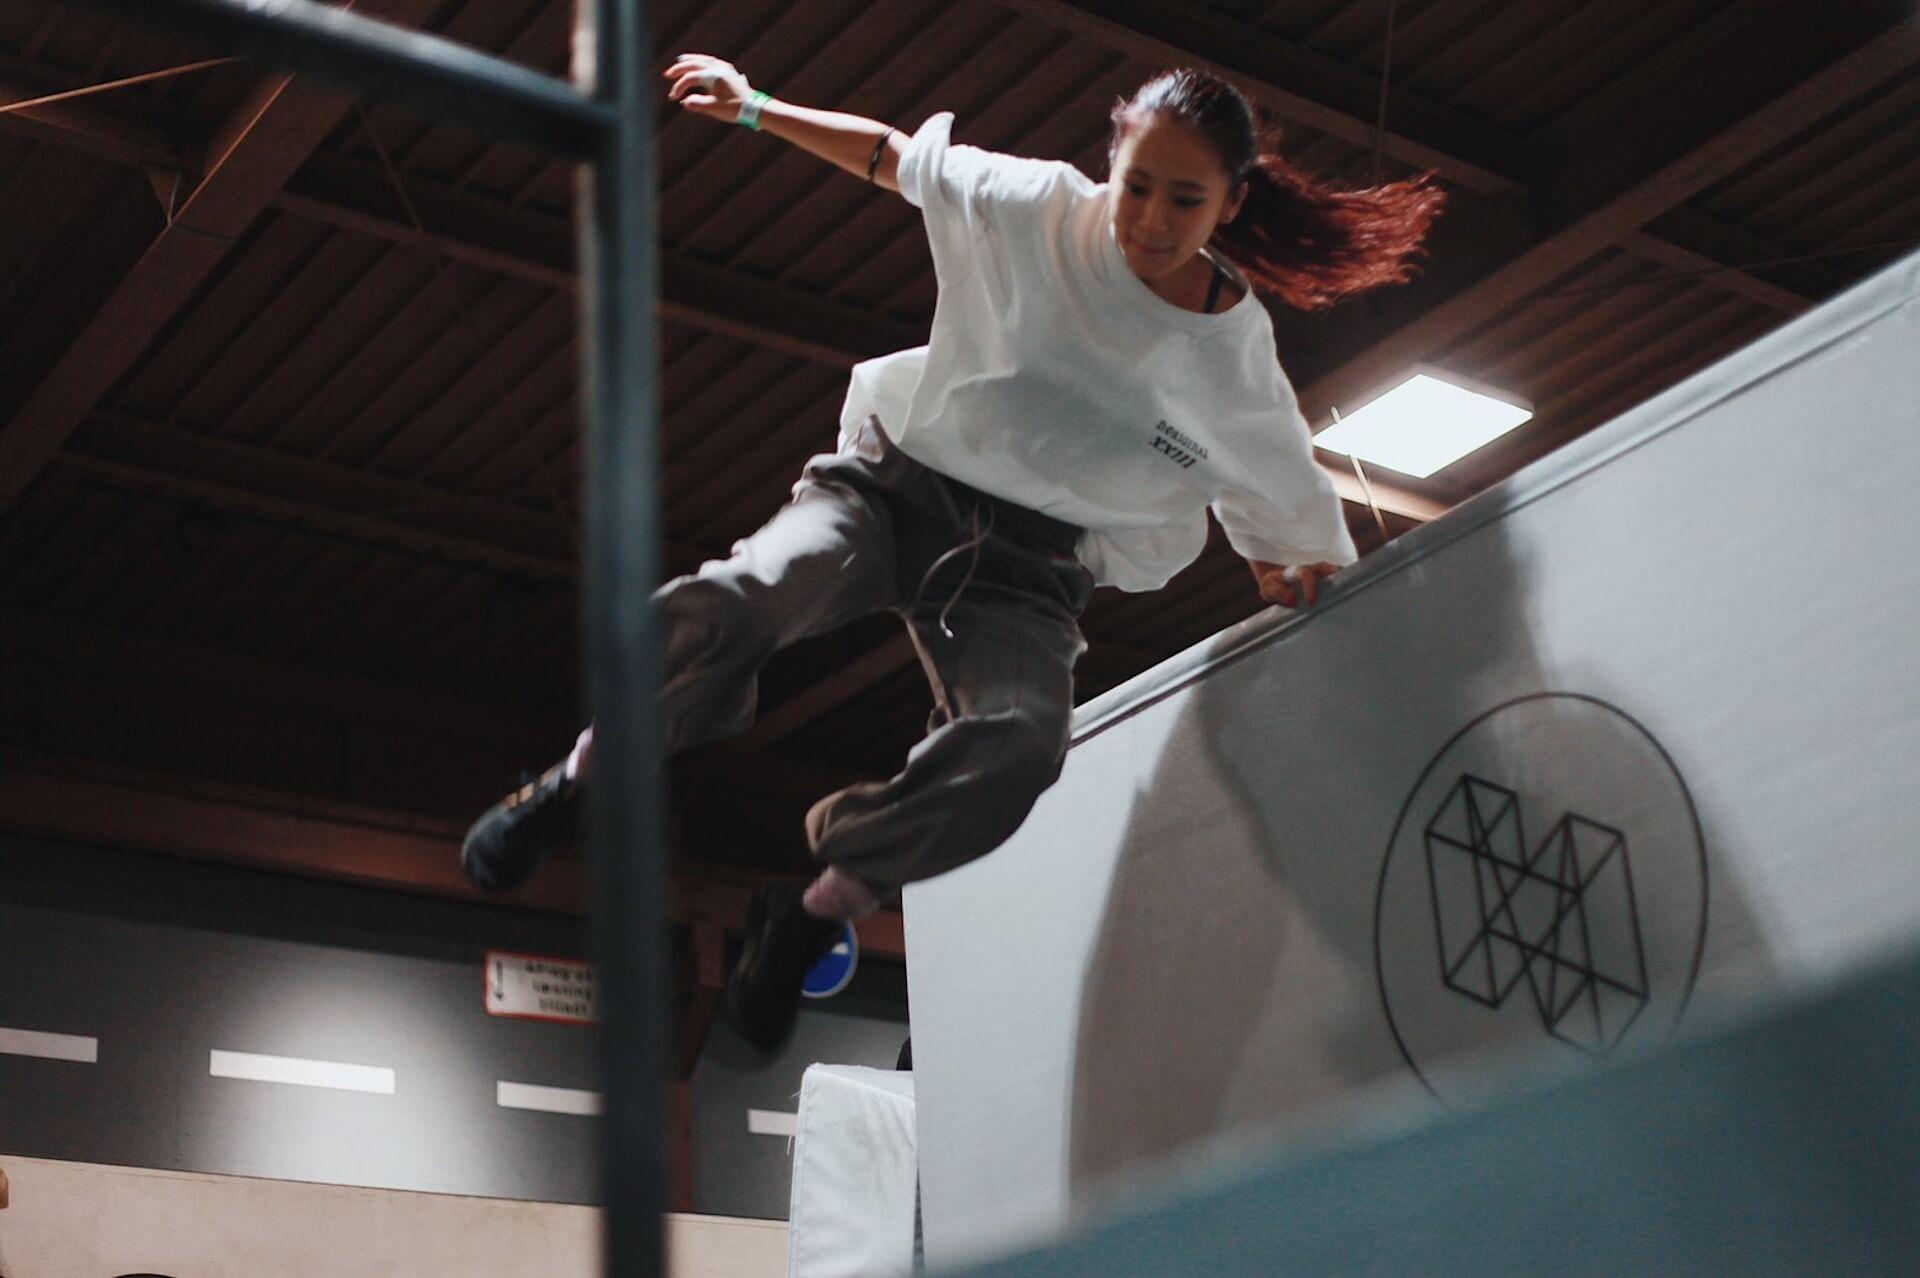 テラハで話題の「パルクールちゃん」こと田辺莉咲子がパルクール日本選手権出場決定! art-culture191017-risako-tanabe-1